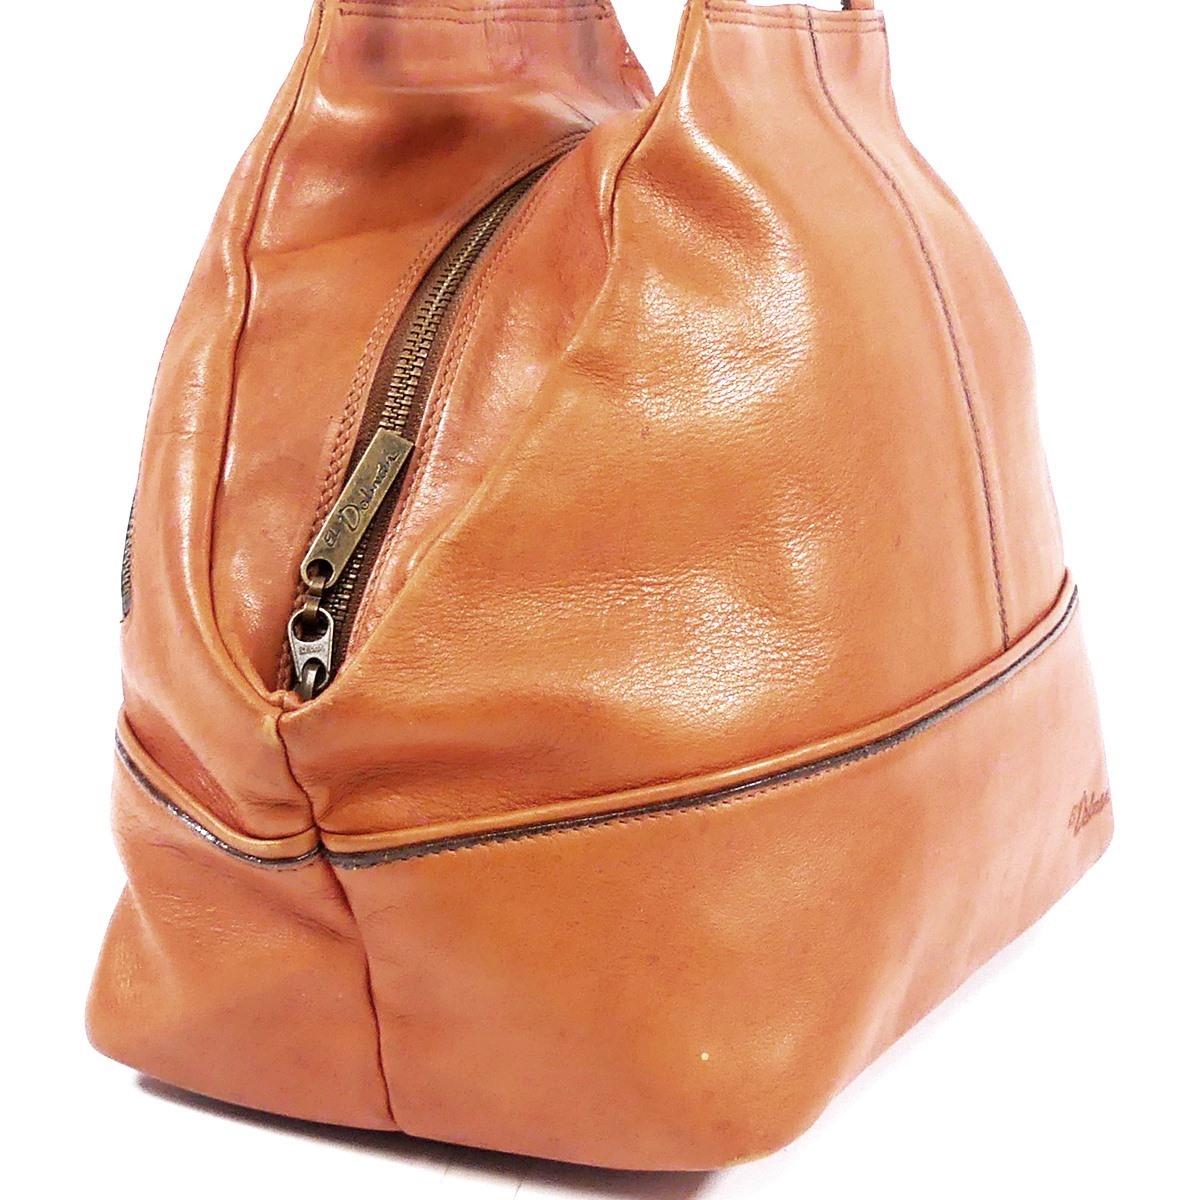 即決★EL Dolman★レザーハンドバッグ ドルマン メンズ 茶 本革 トートバッグ 本皮 かばん 鞄 レディース 手提げバッグ_画像4